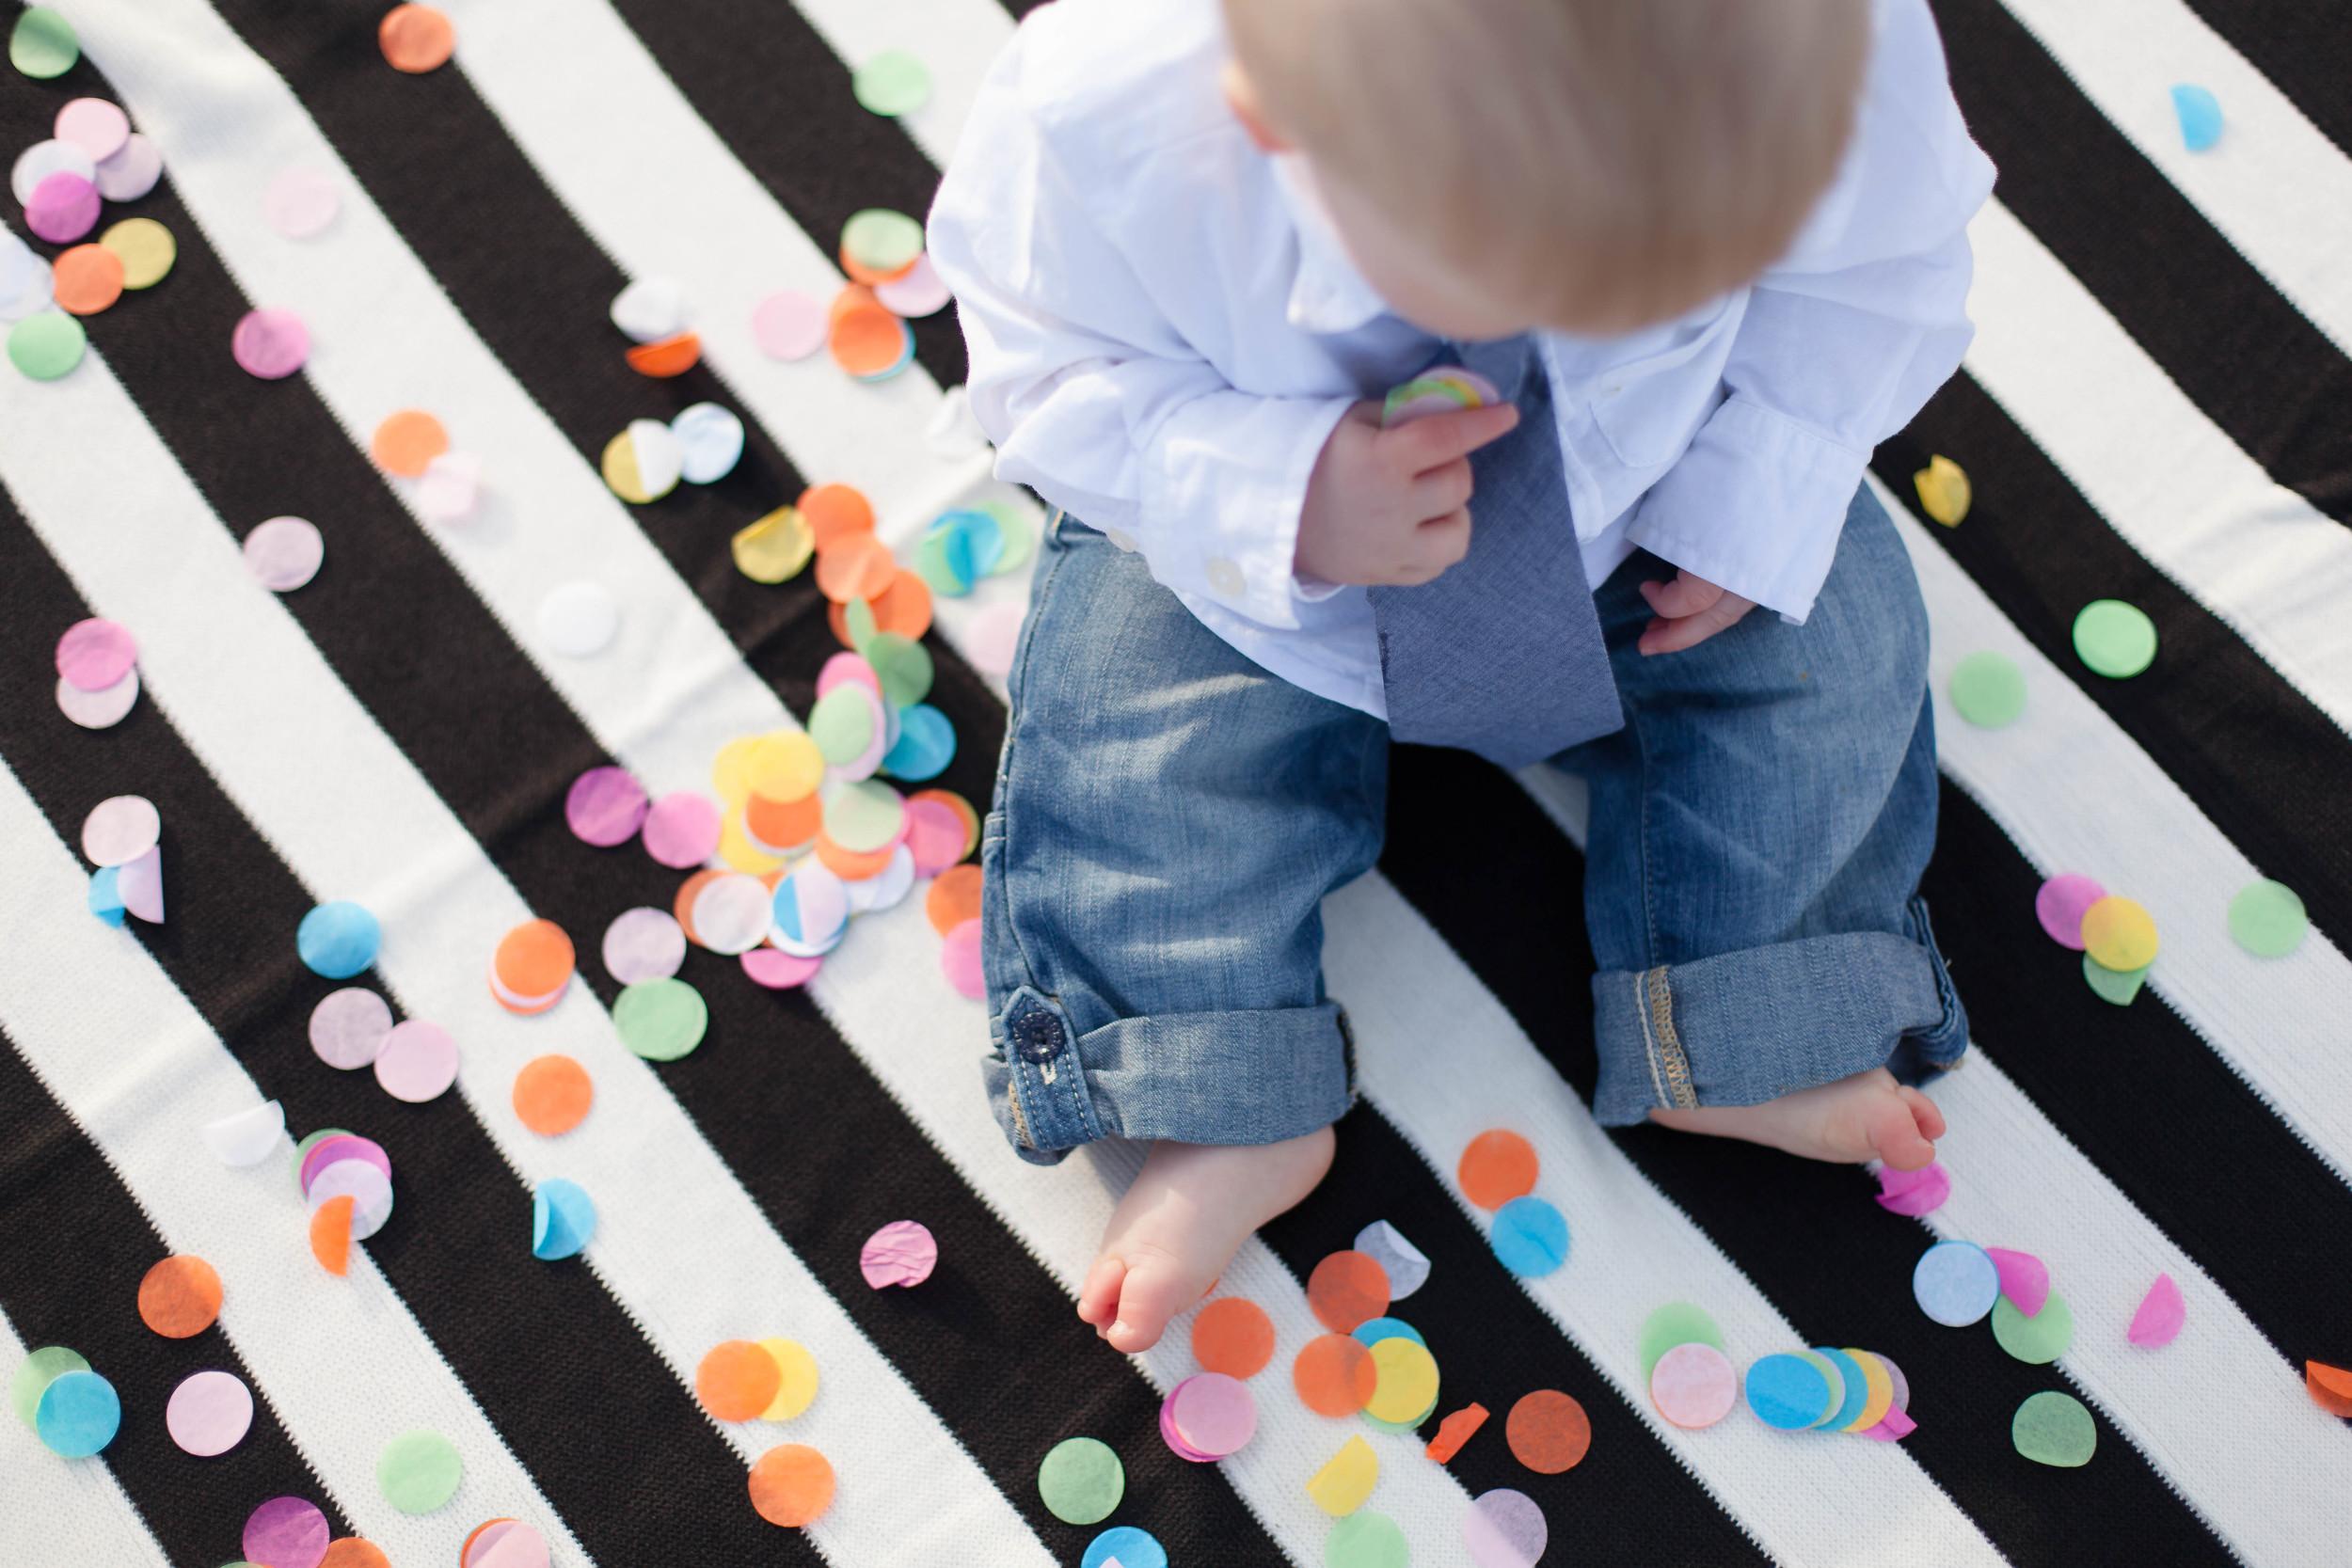 Baby Photo Confetti